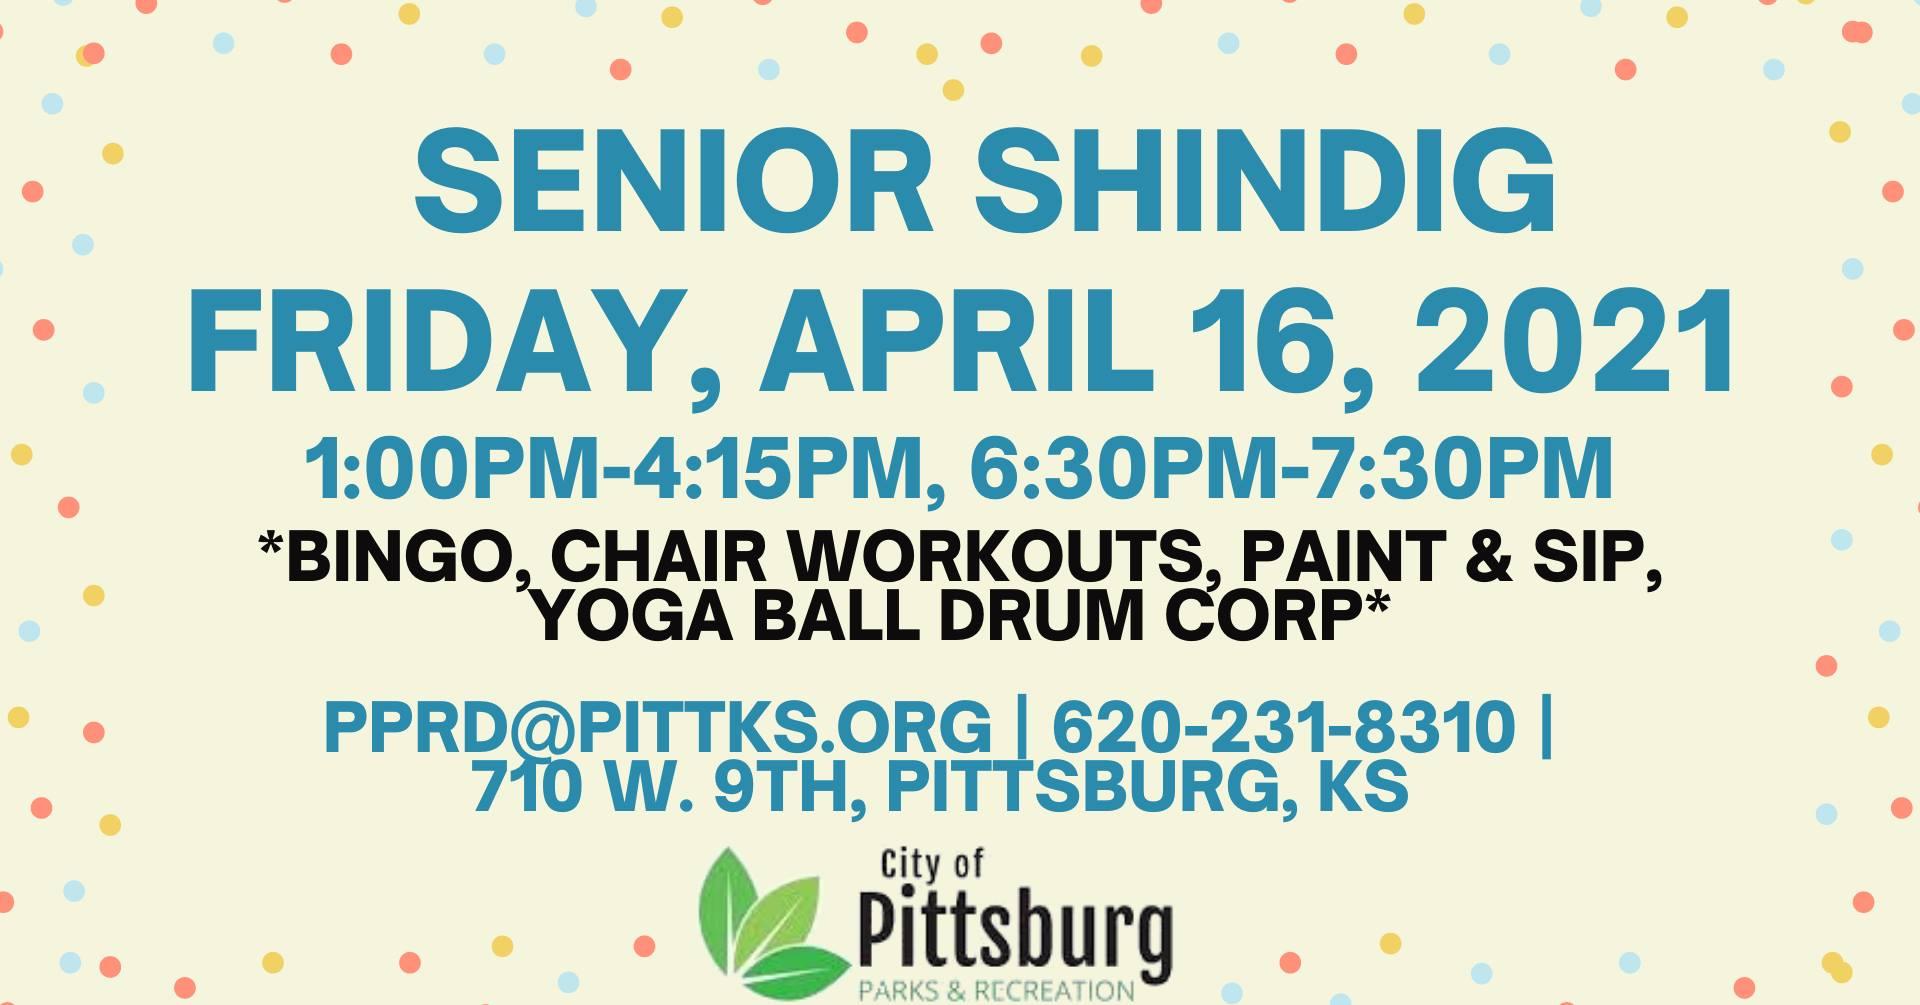 Senior Shindig Event image